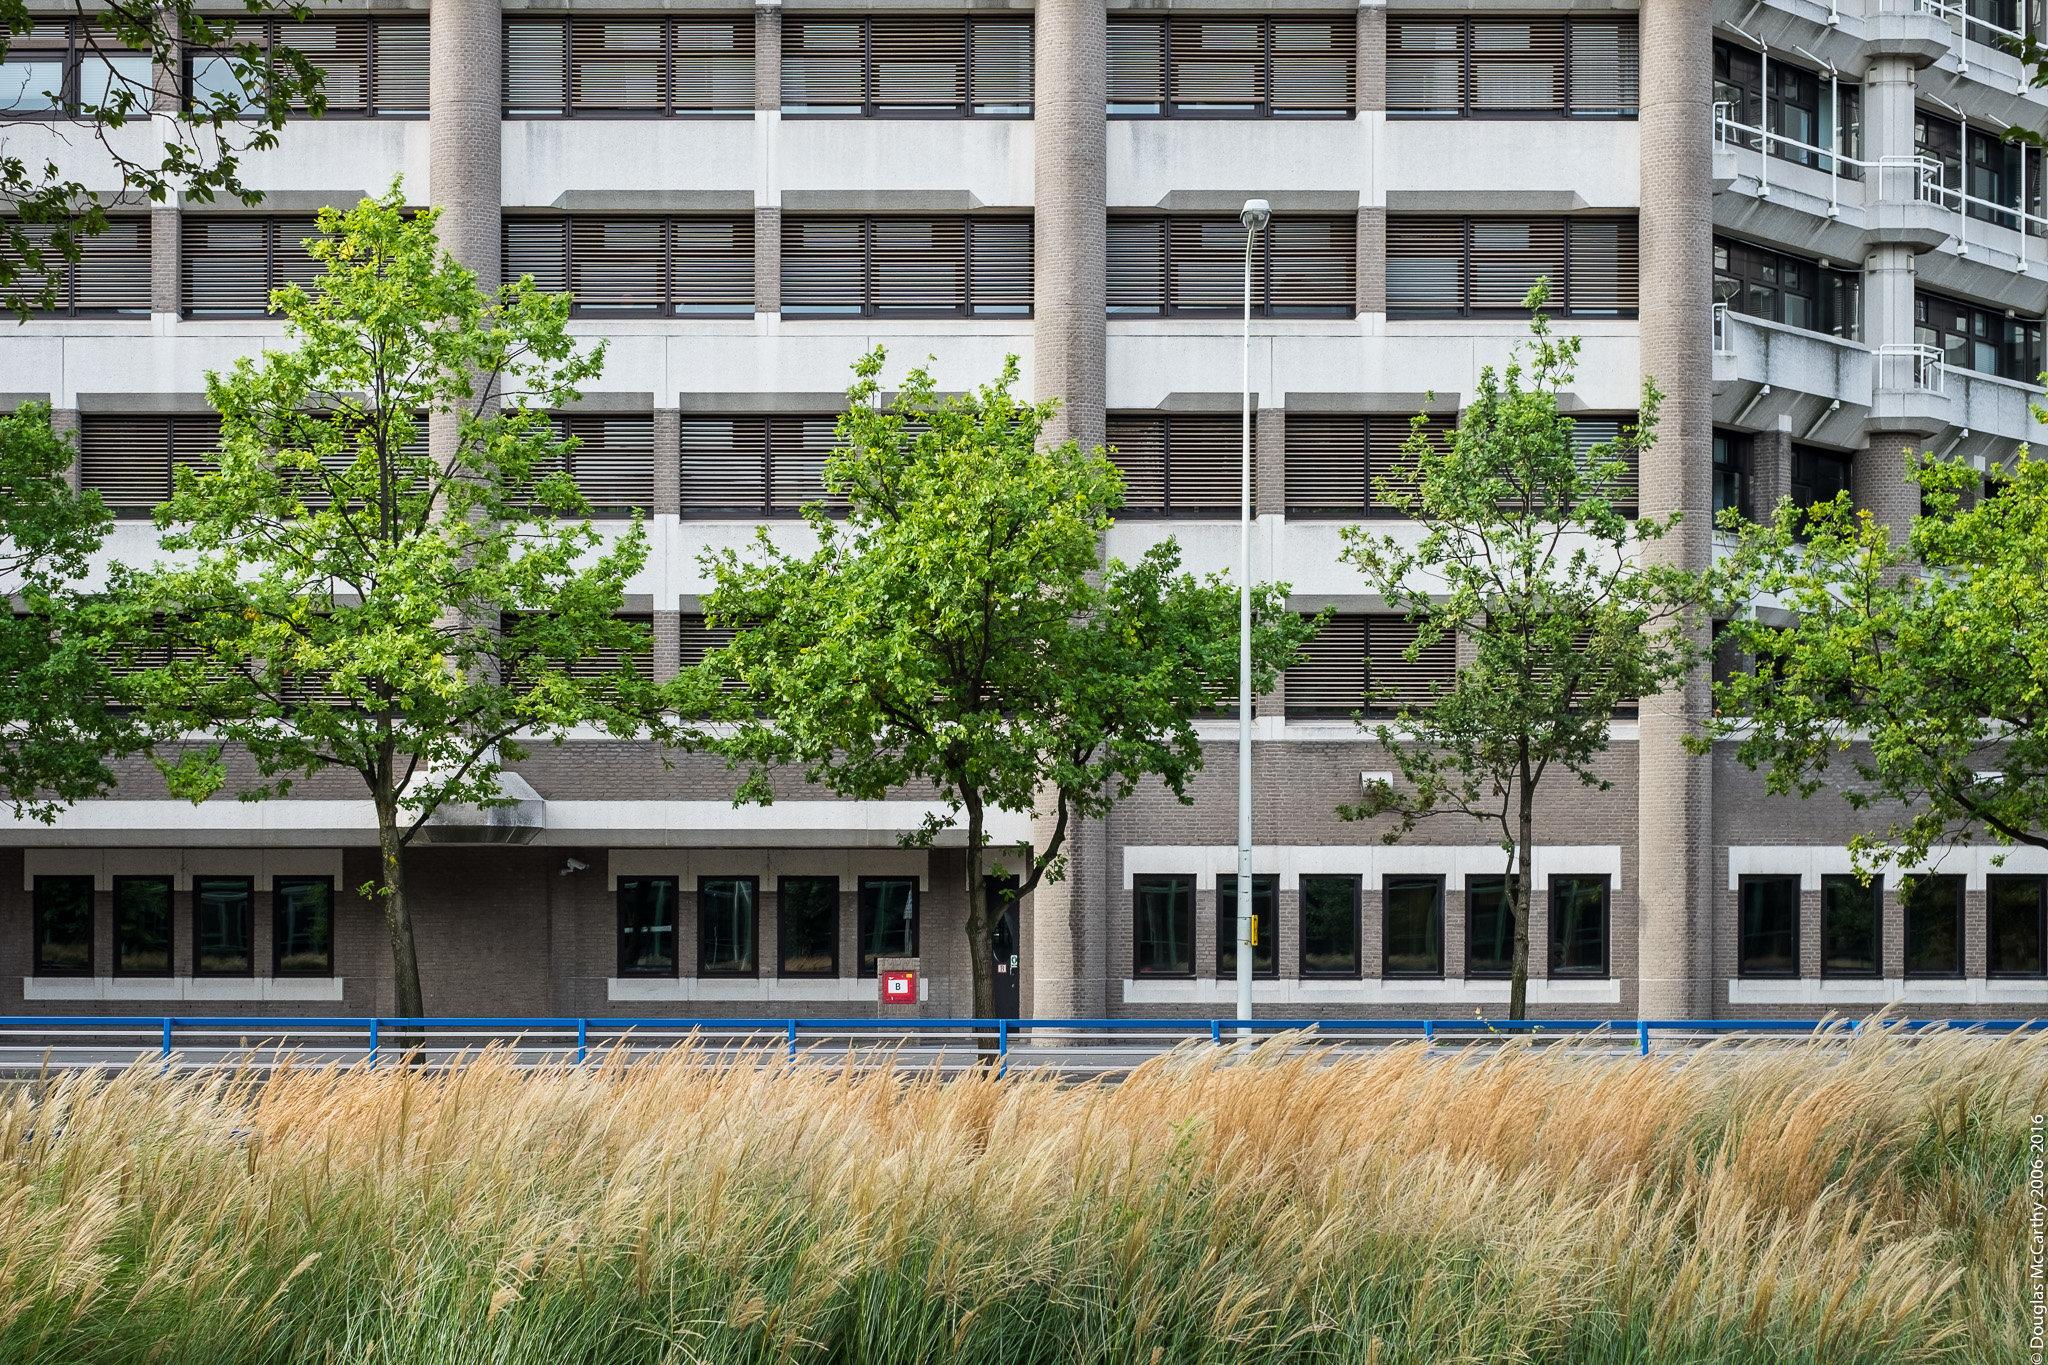 Ministerie van Buitenlandse Zaken, Den Haag